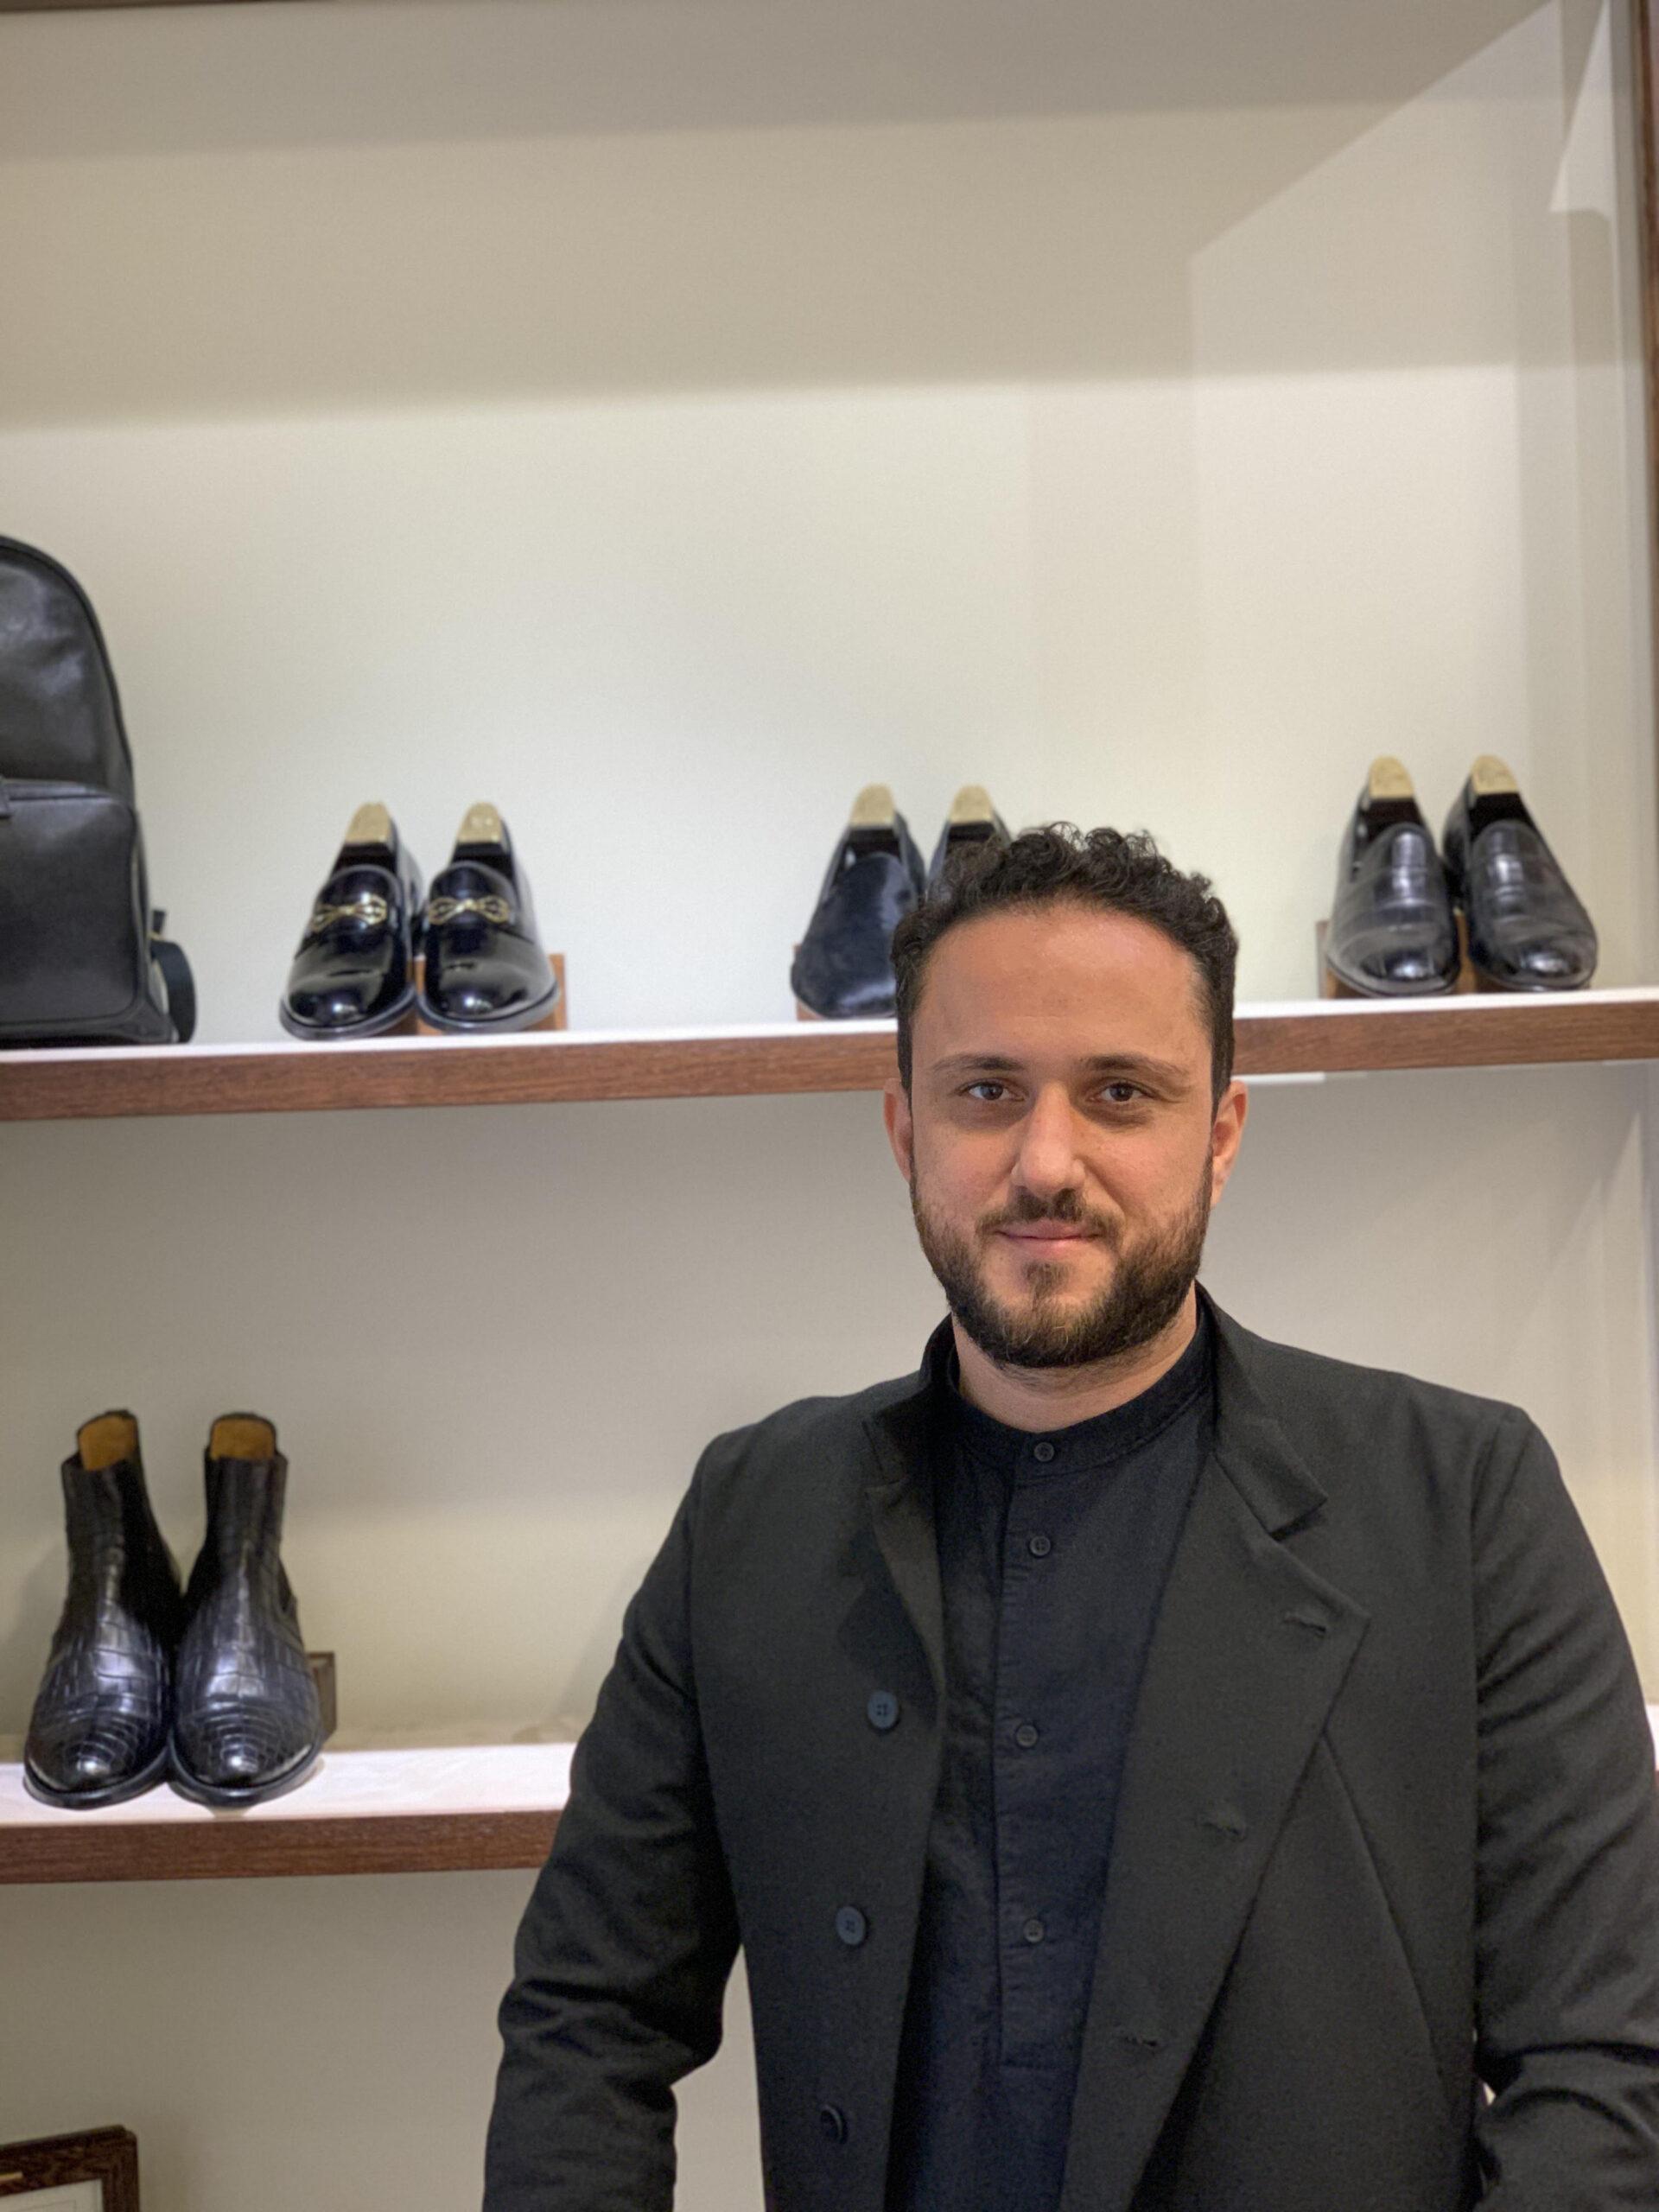 Gianni Gallucci, 'tra dazi e fisco cauti su prospettive per mercato del lusso'